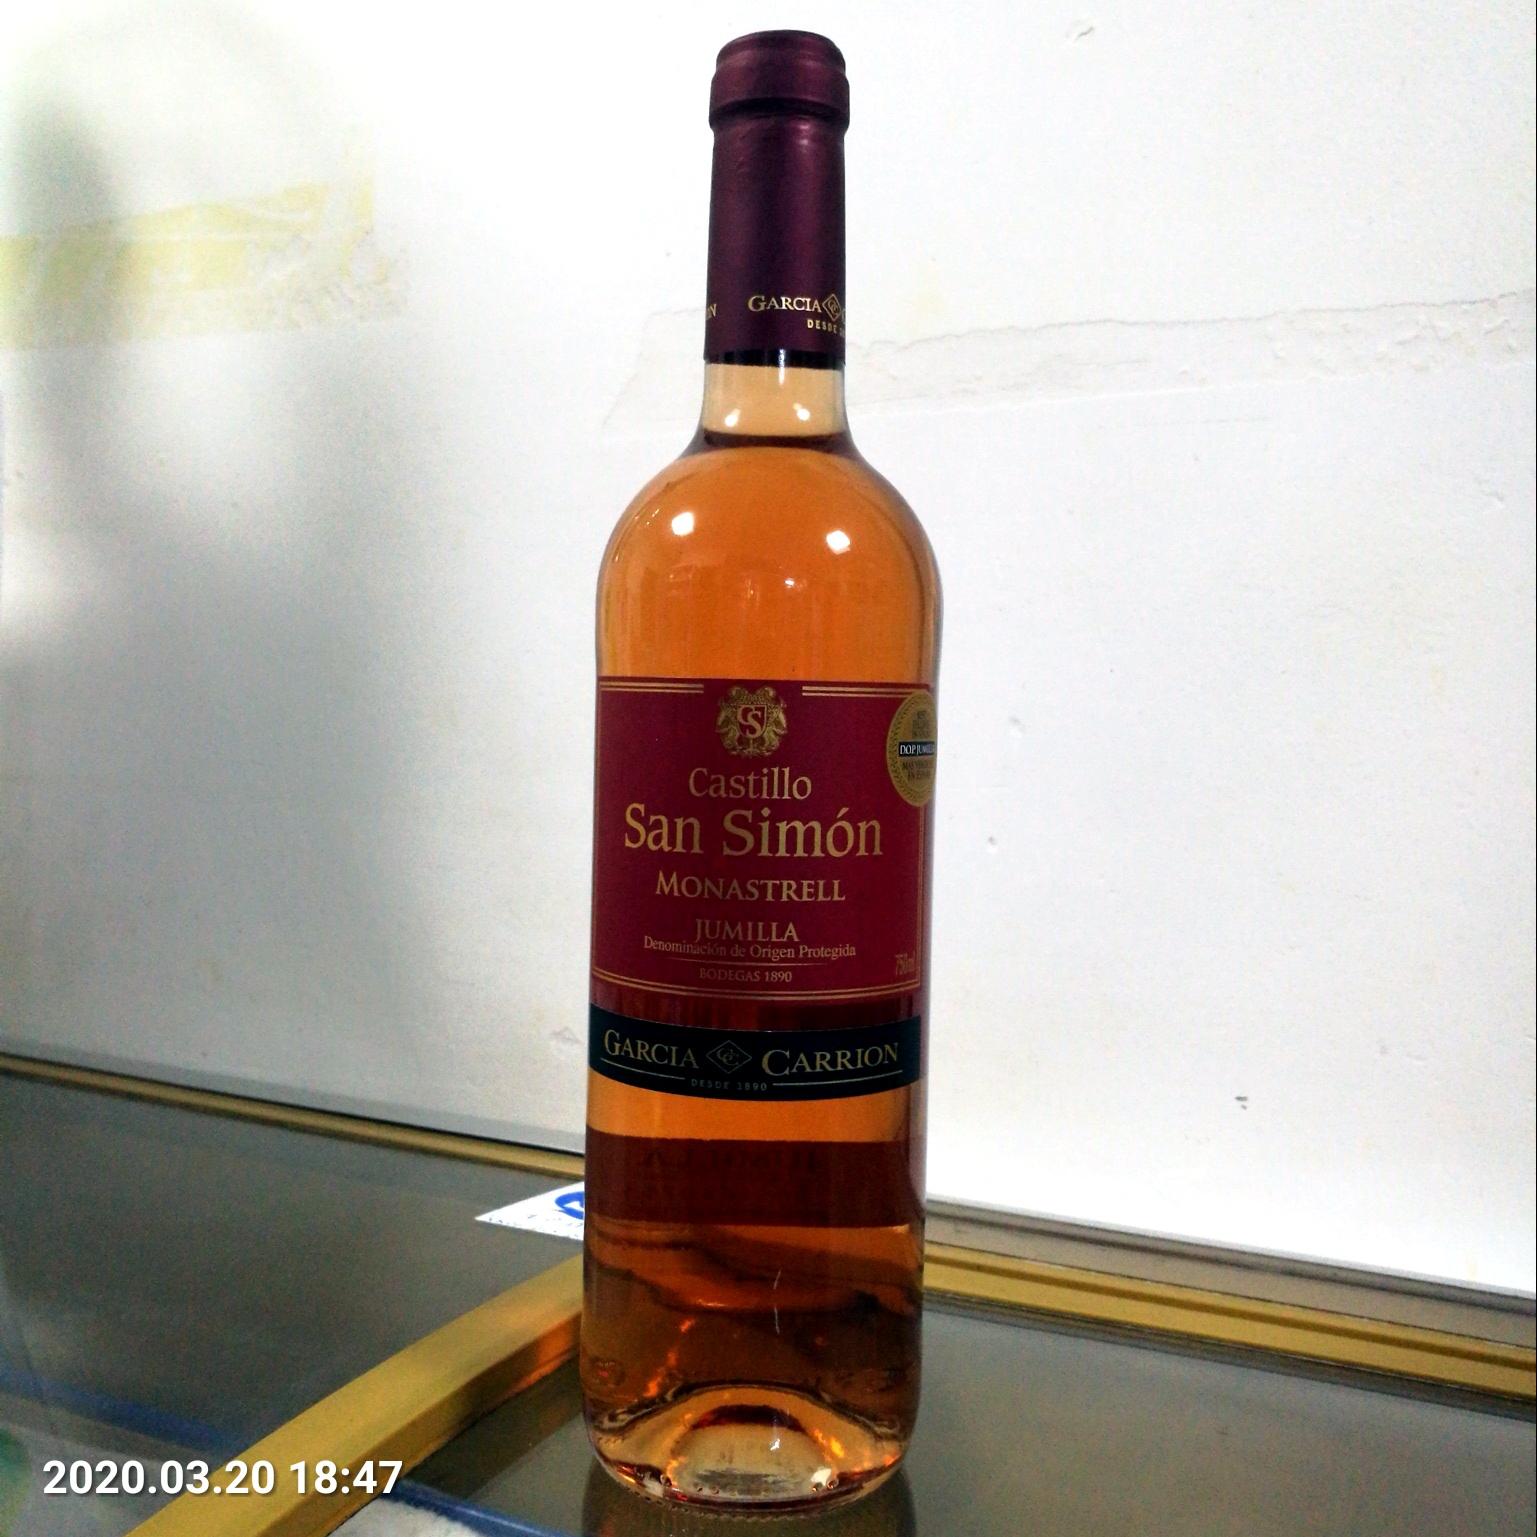 丝慕半干桃红葡萄酒玻璃瓶装750毫升 -[红酒]